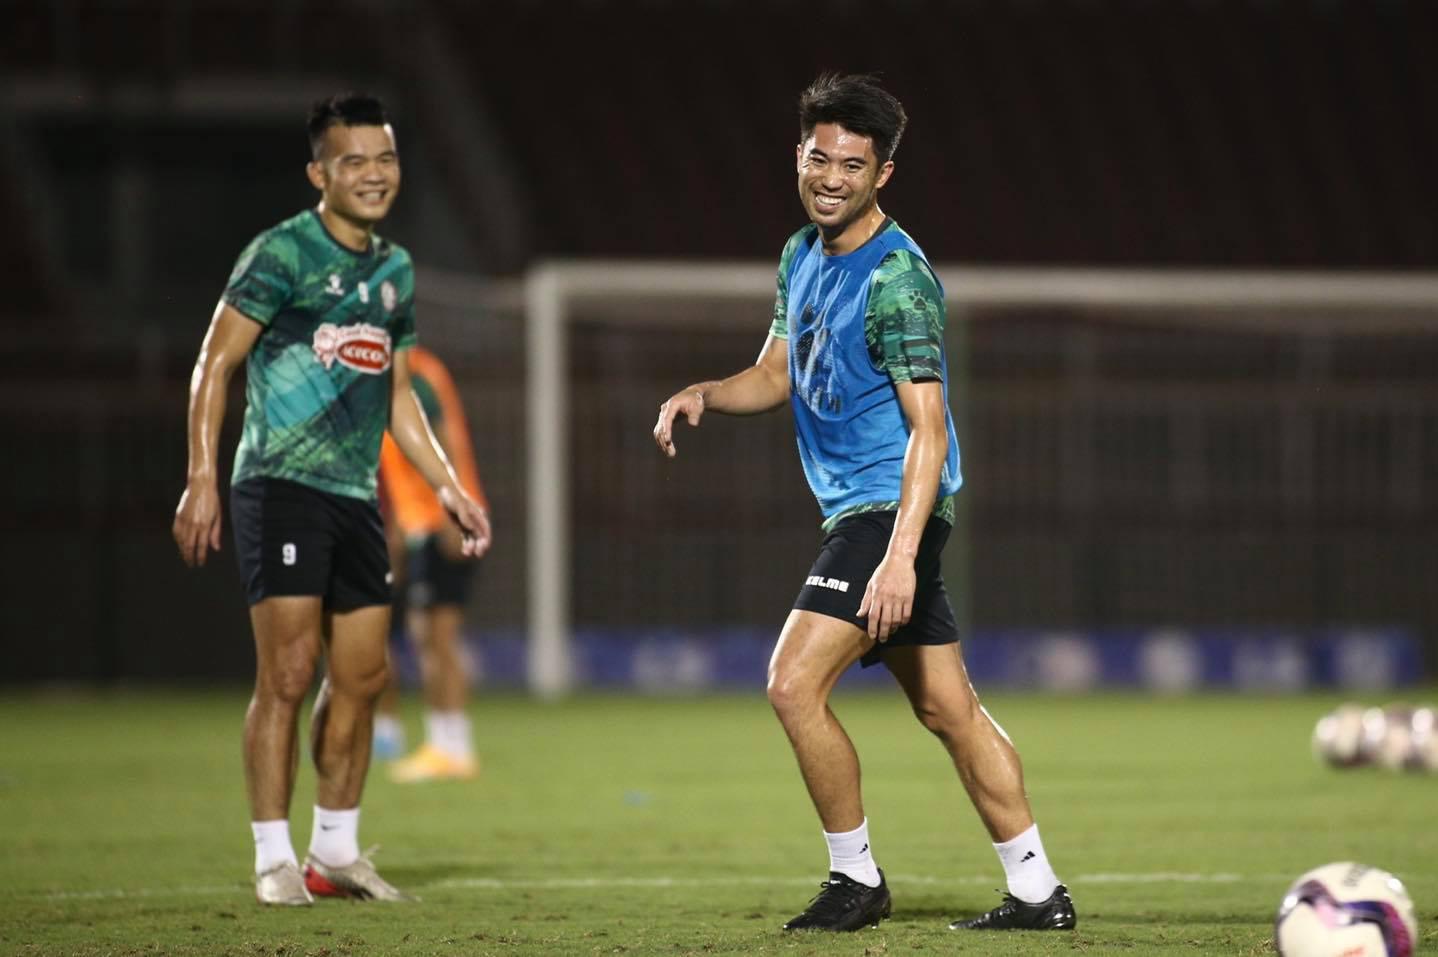 TIẾT LỘ: Lee Nguyễn từng thất bại ở V.League vì... quá đào hoa - Ảnh 7.